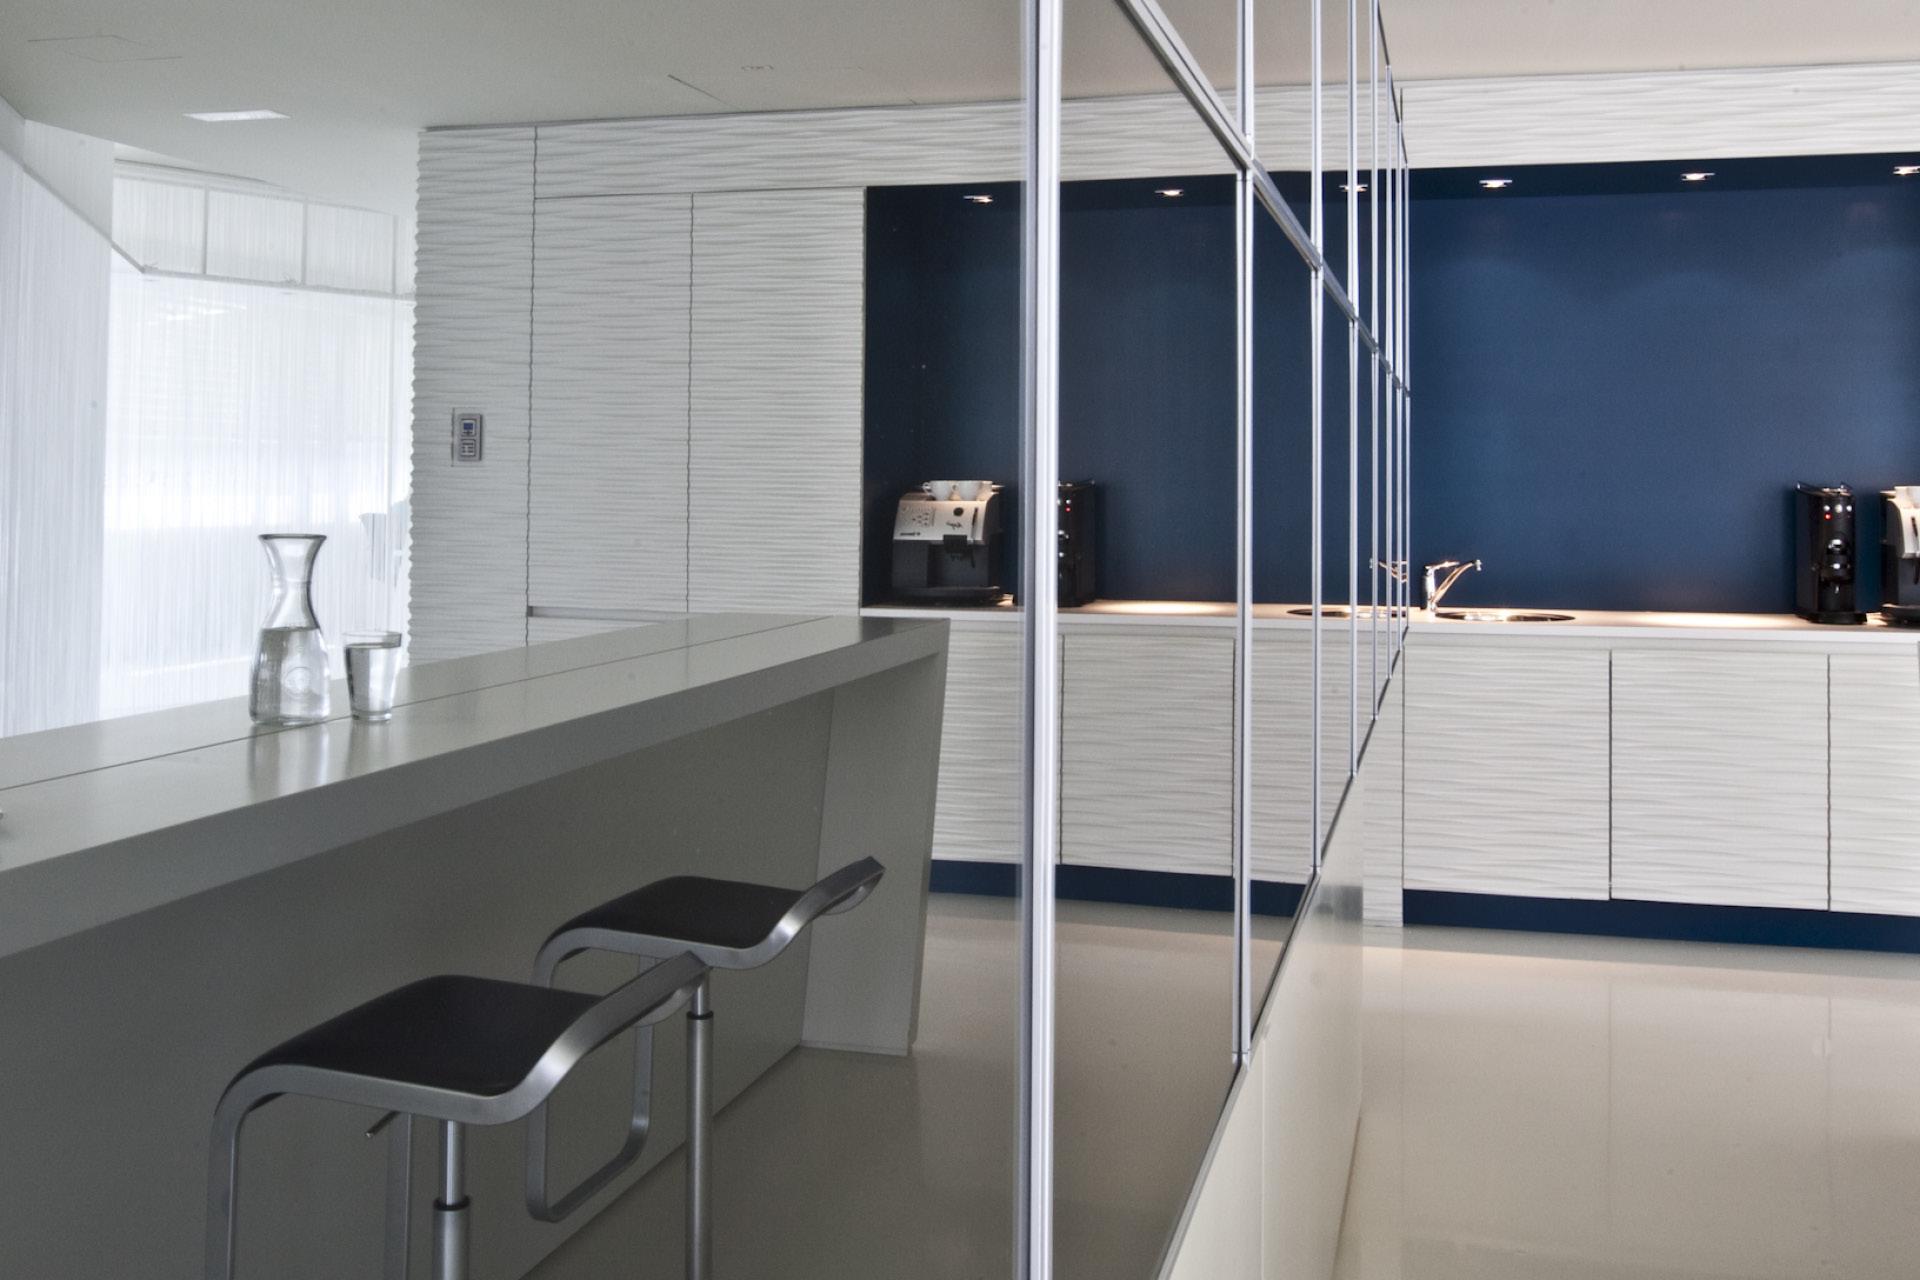 Tischlerei-Decker-Projekte-Rogllivtec-Businessraeume-Aufenthlatsraum